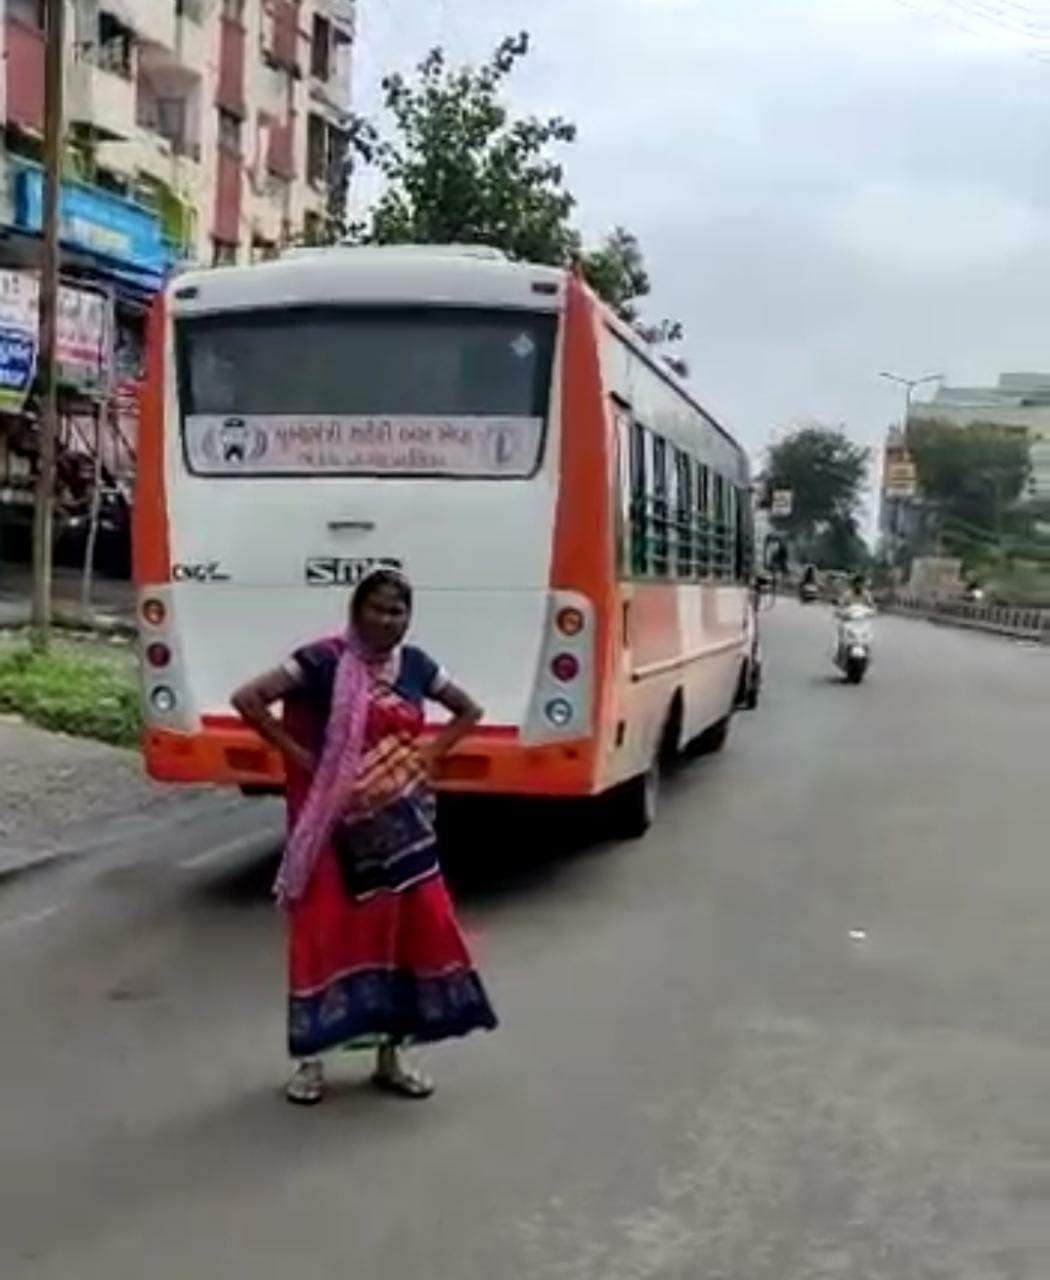 સિટી બસના વિરોધમાં ભરૂચ રિક્ષા એસો.ની આજથી હડતાળ, બસને અટકાવી રિક્ષા ચાલકોએ મુસાફરોને નીચે ઉતાર્યા ભરૂચ,Bharuch - Divya Bhaskar